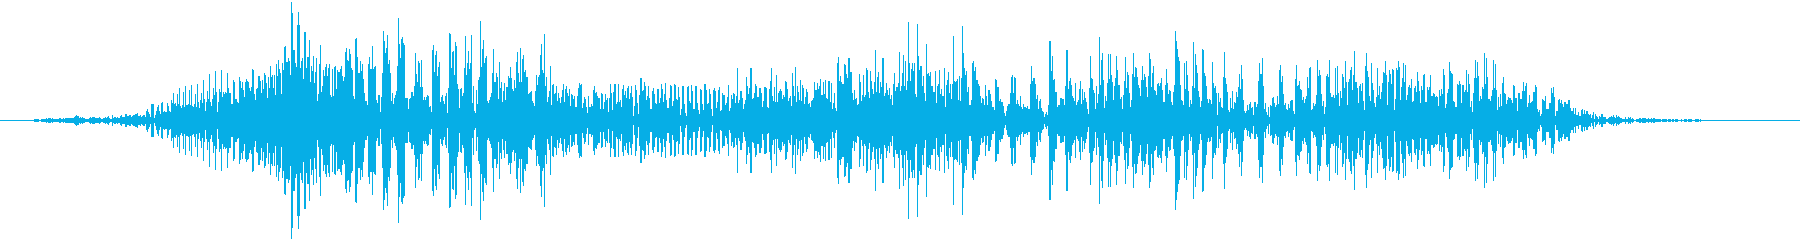 空腹でお腹がグウと鳴る音04の再生済みの波形